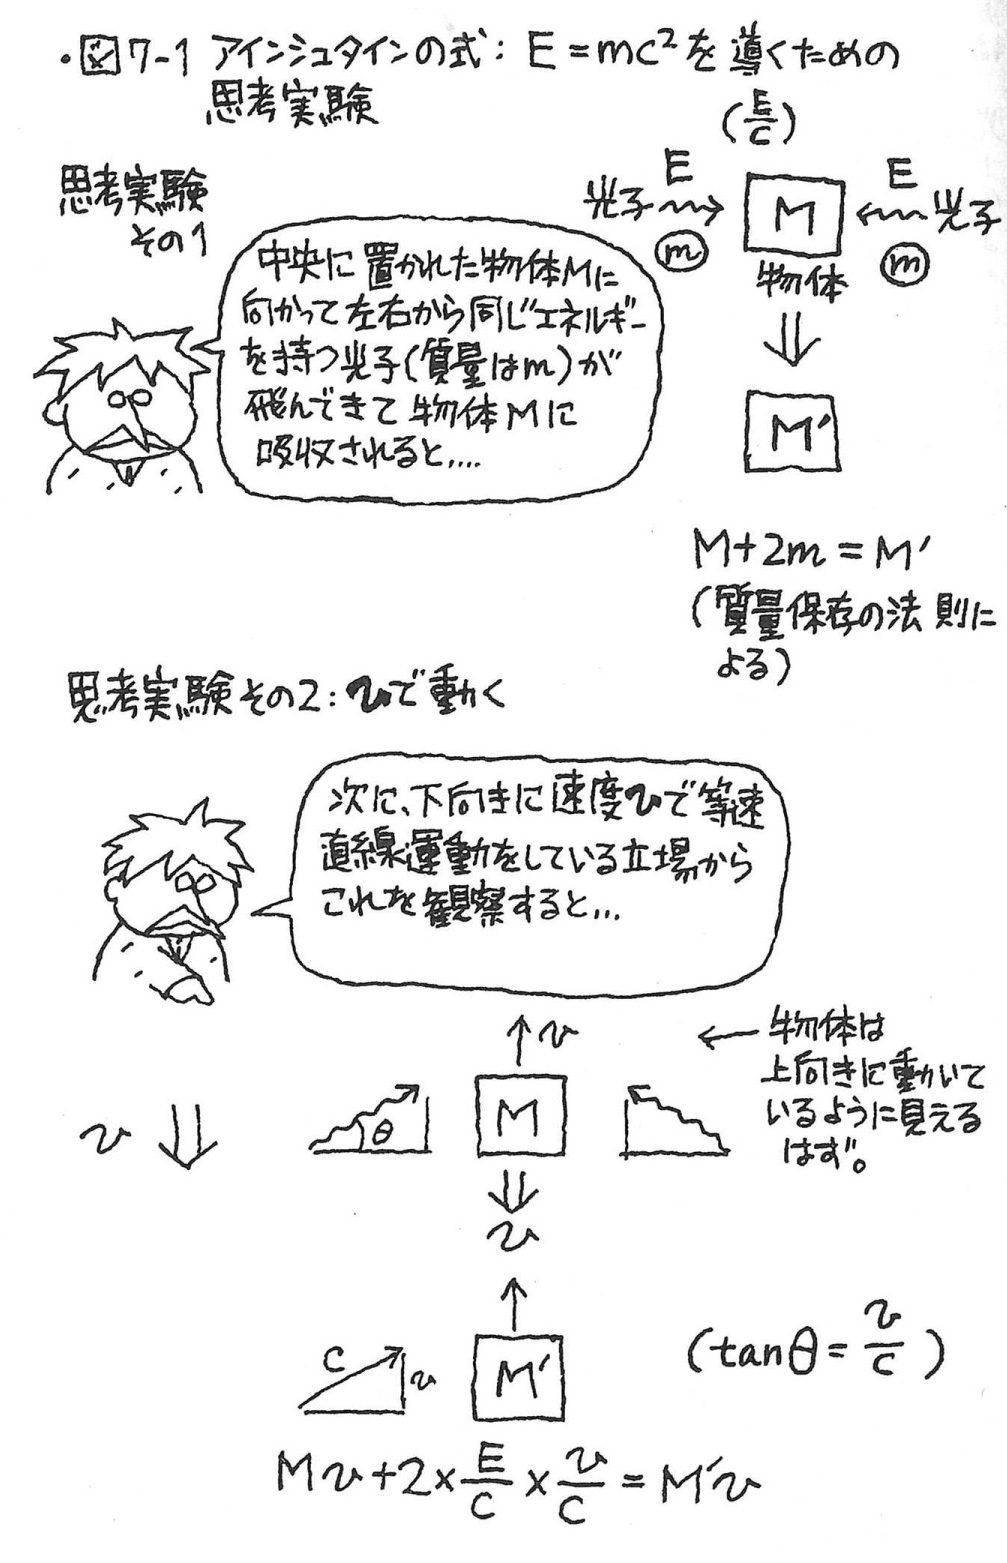 相対 性 理論 簡単 に 相対性理論って何?超簡単に図で解説してみた!